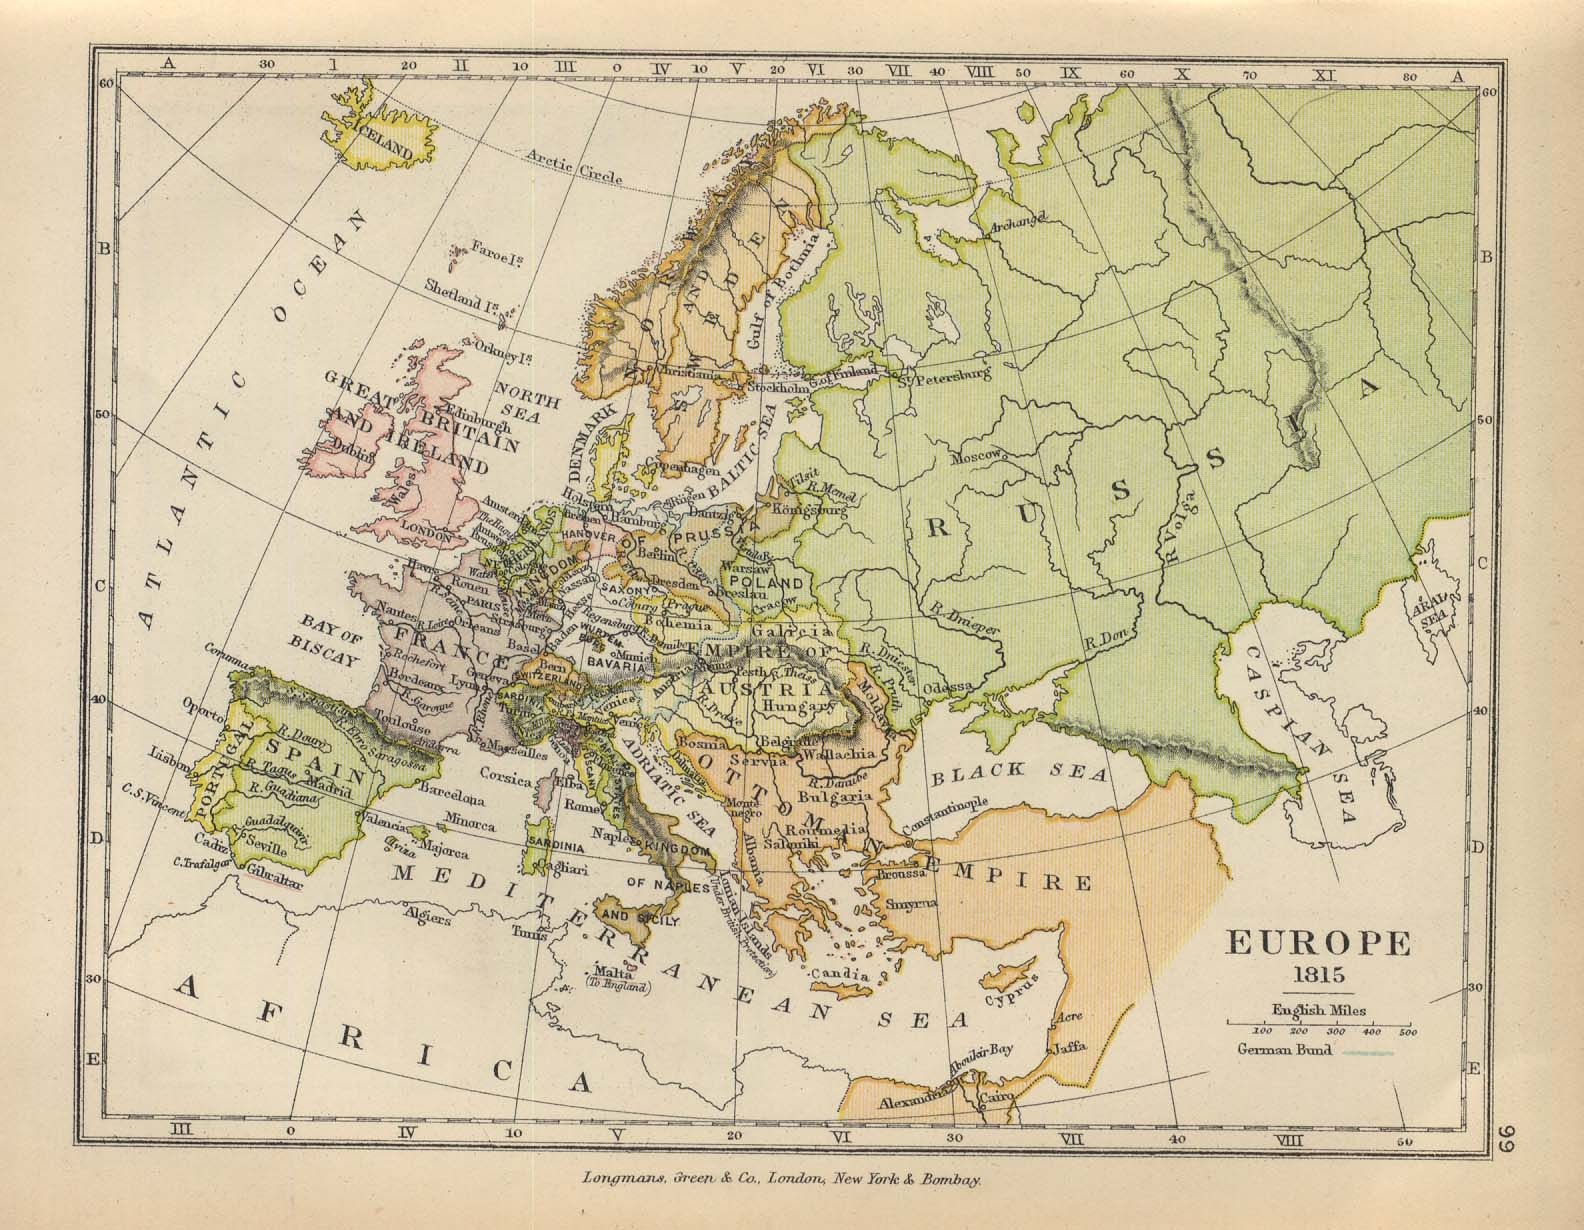 Europe Map 1815